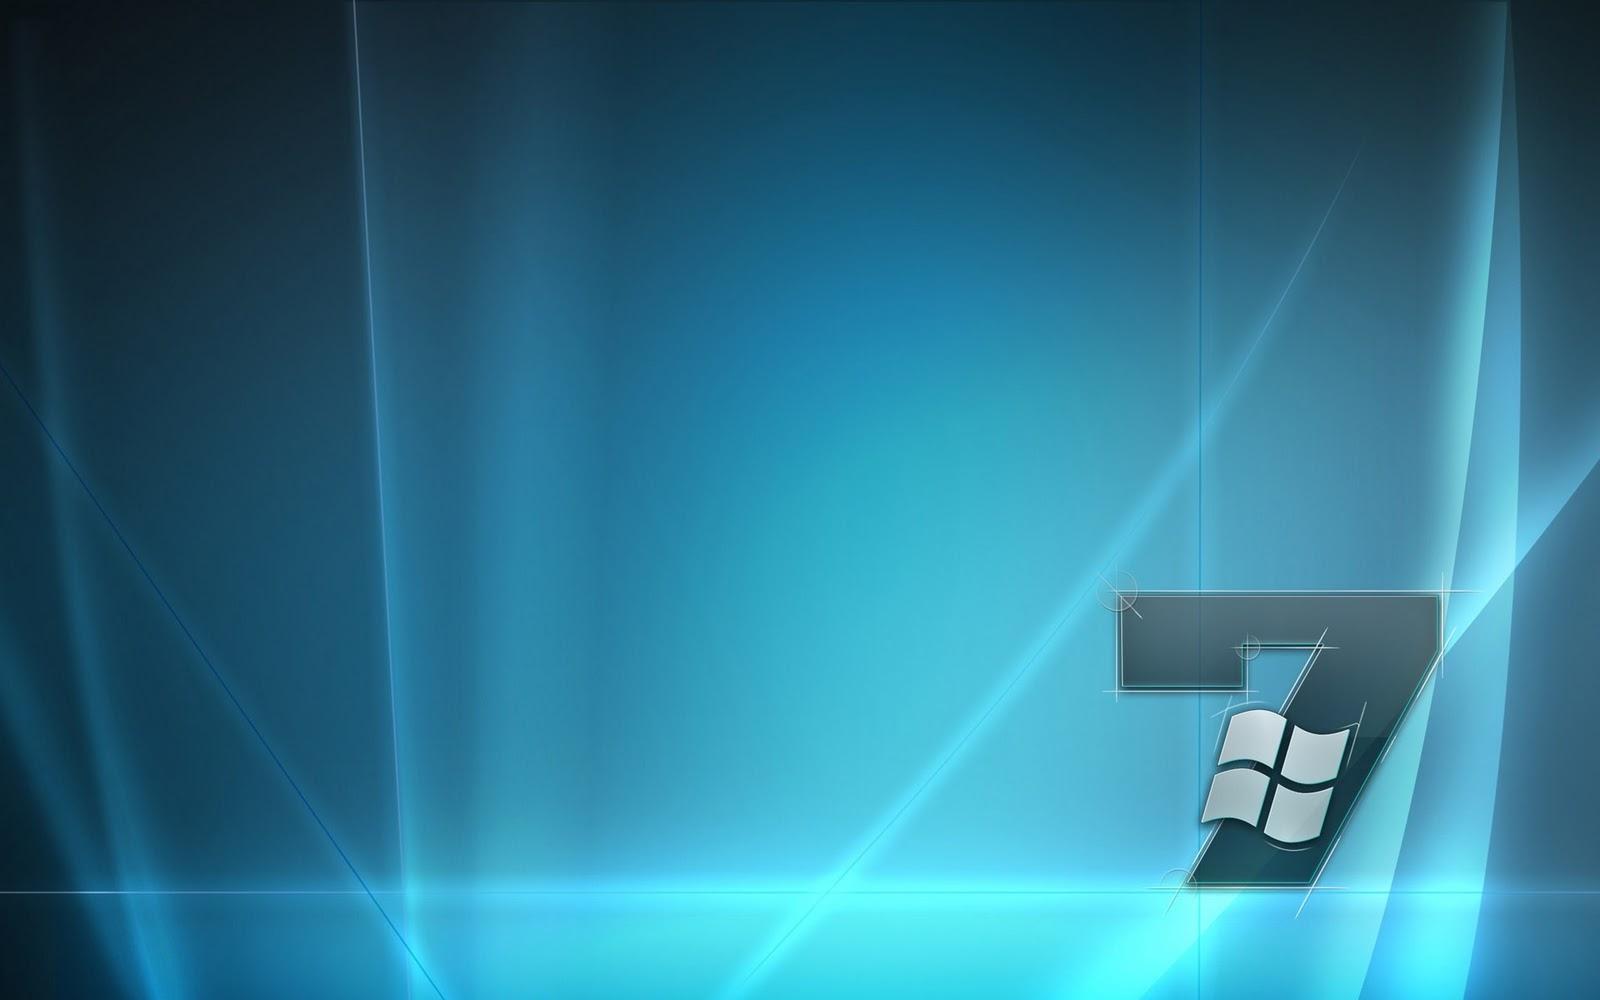 http://3.bp.blogspot.com/_RAlP3BmEW1Q/TQYPCDJvVSI/AAAAAAAACY8/fM4egbuWB10/s1600/The-best-top-desktop-windows-7-wallpapers-7.jpg